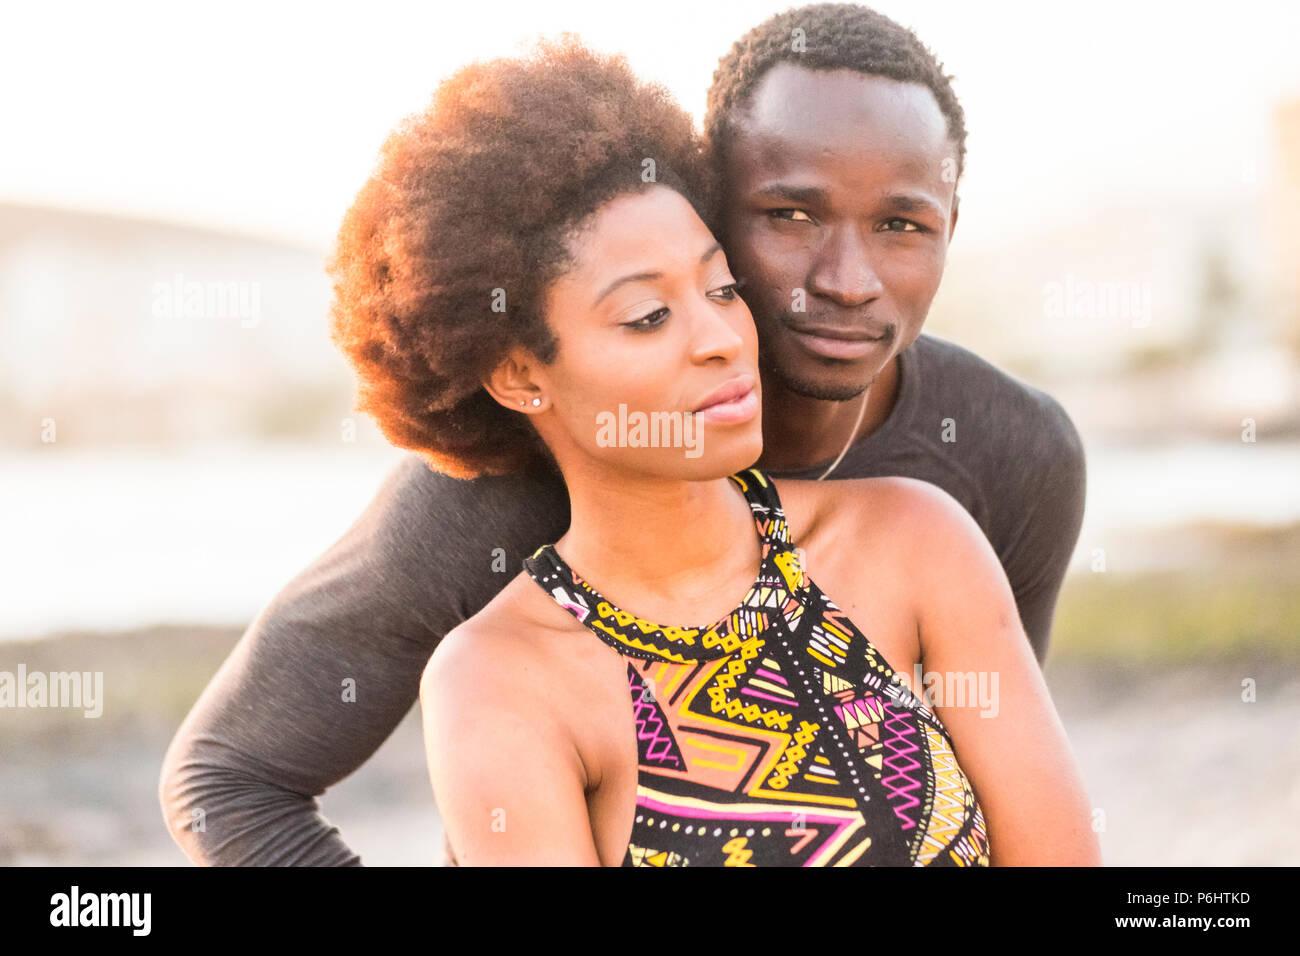 Gerne schwarze Rasse afrikanische Paar am Strand in Liebe und genießen Sie die Freizeit zusammen in der Nähe des Ozeans Sommer Zeit sitzen und liebt Vib Stockbild